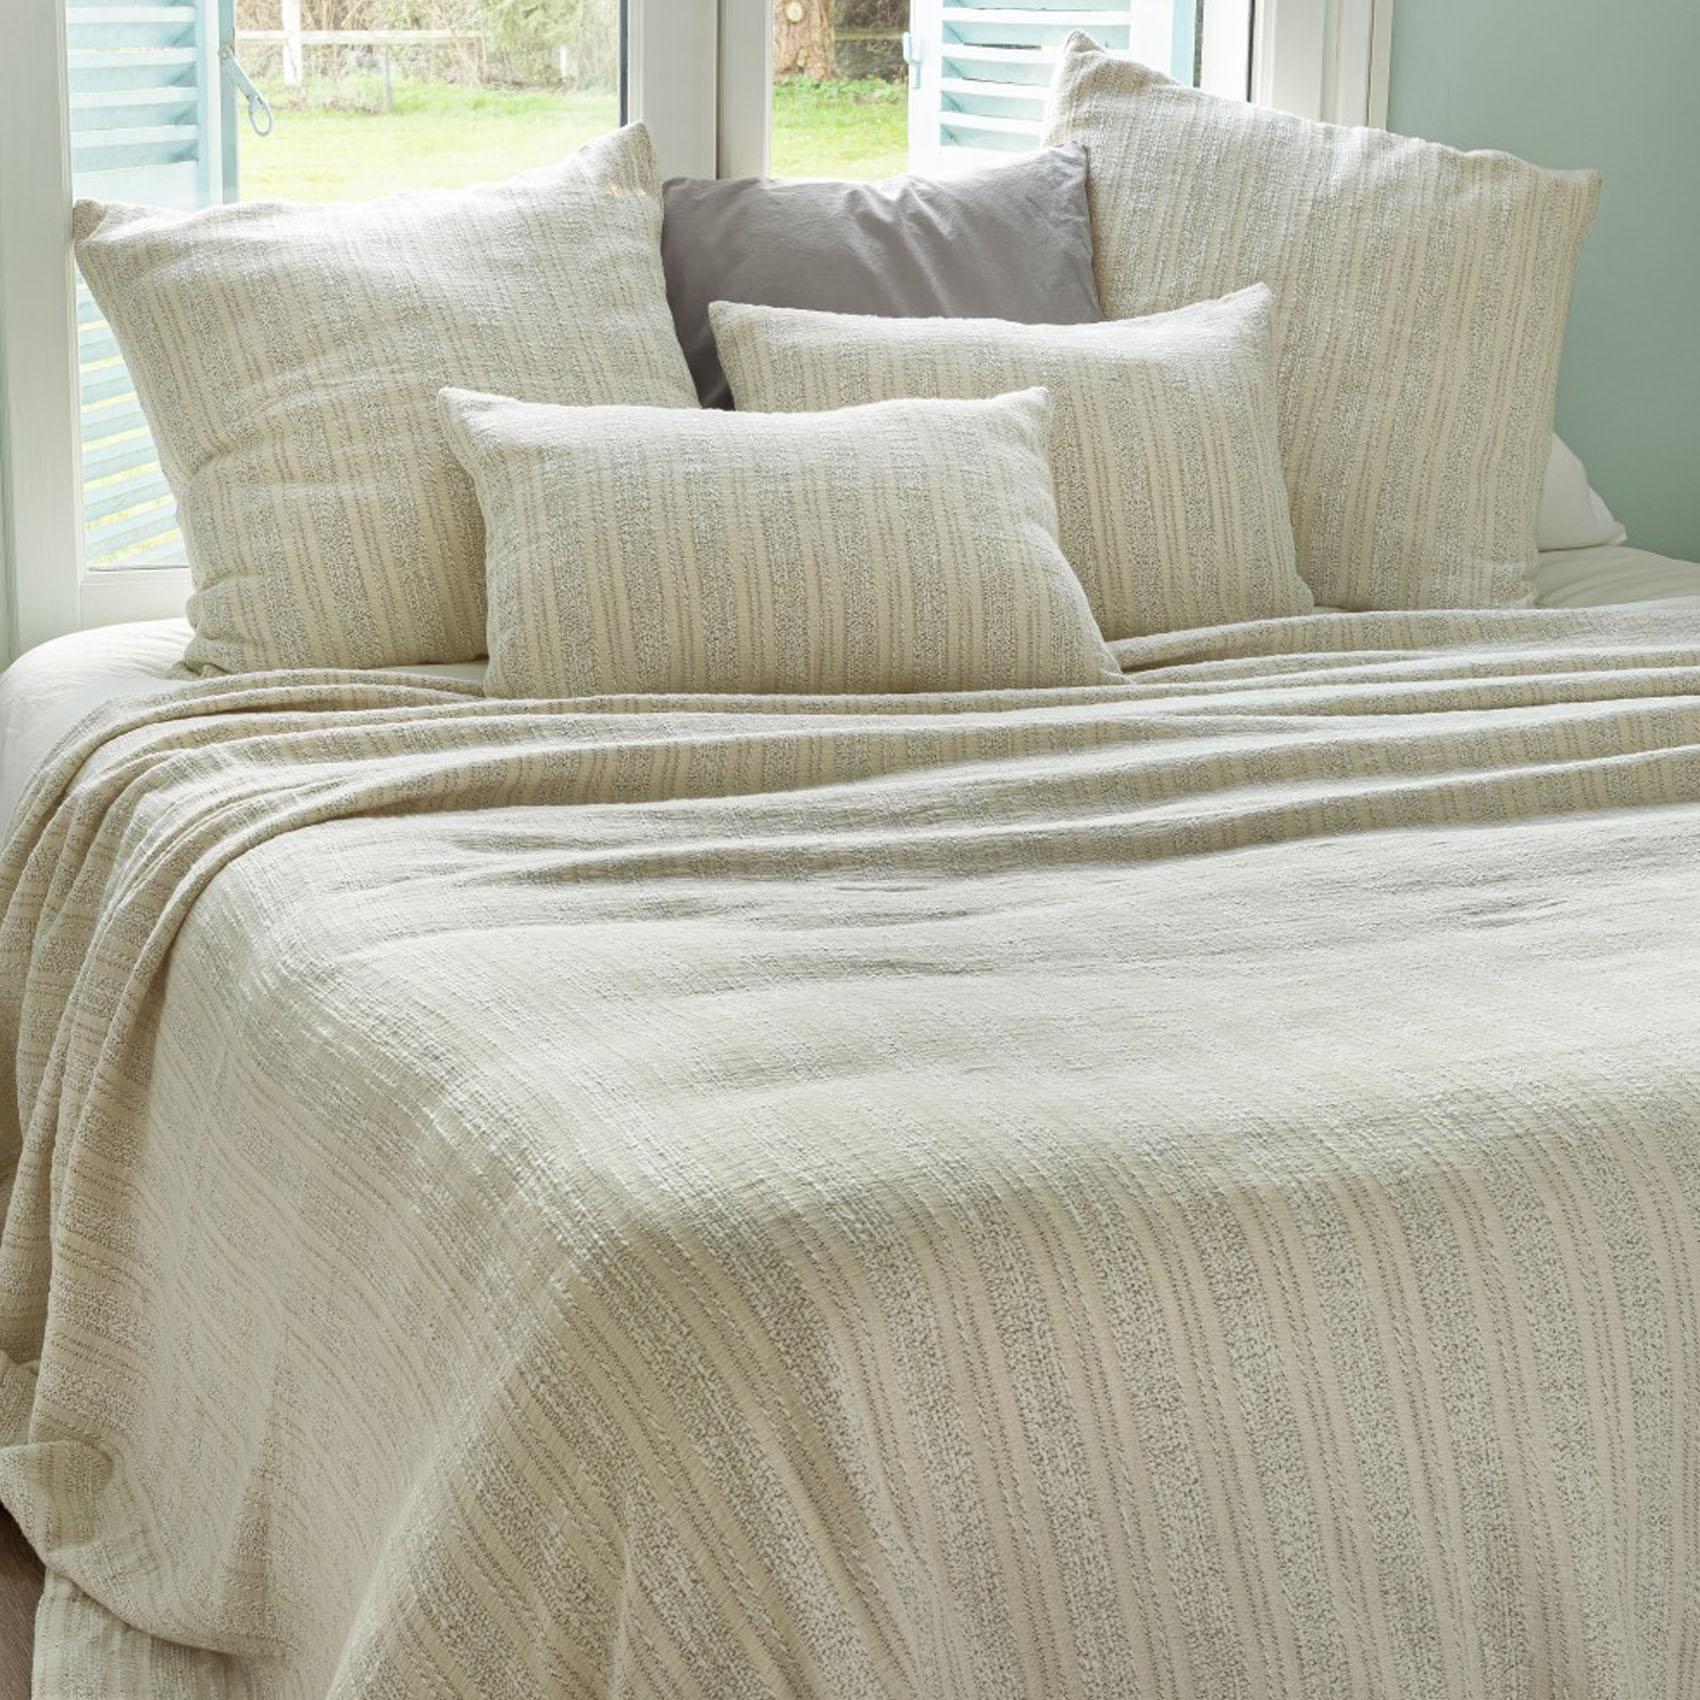 Dessus de lit en tissus jacquard coton ecru / noir 250x230